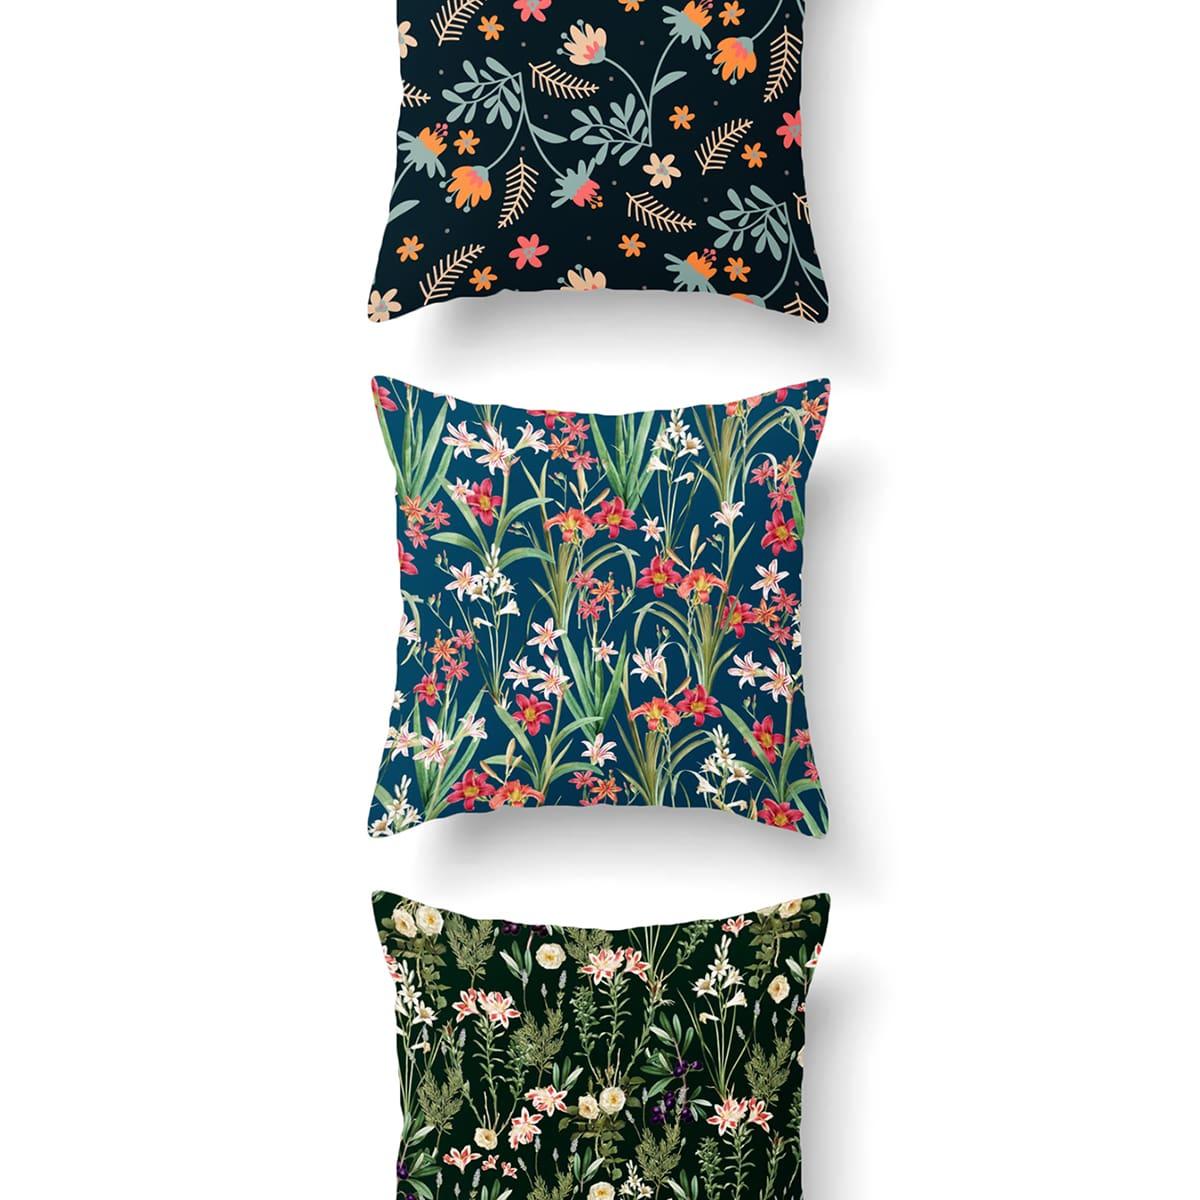 Чехол для подушки с цветочным принтом 1шт фото